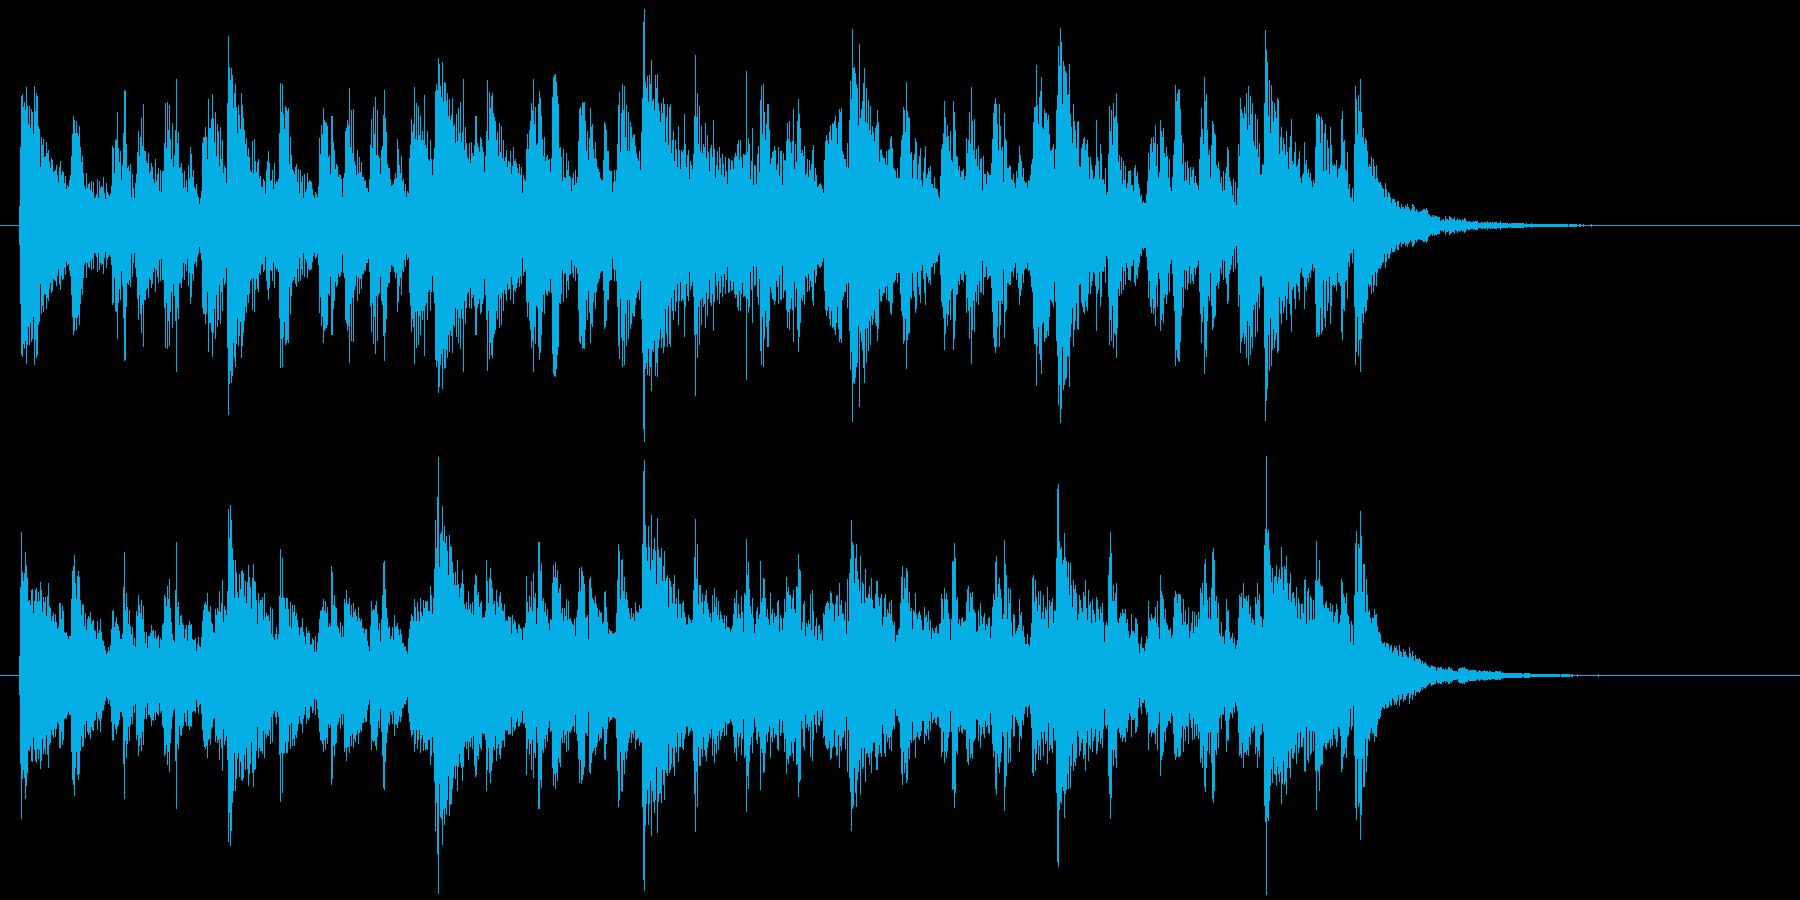 スピード感あるコンパクトなポップスの再生済みの波形